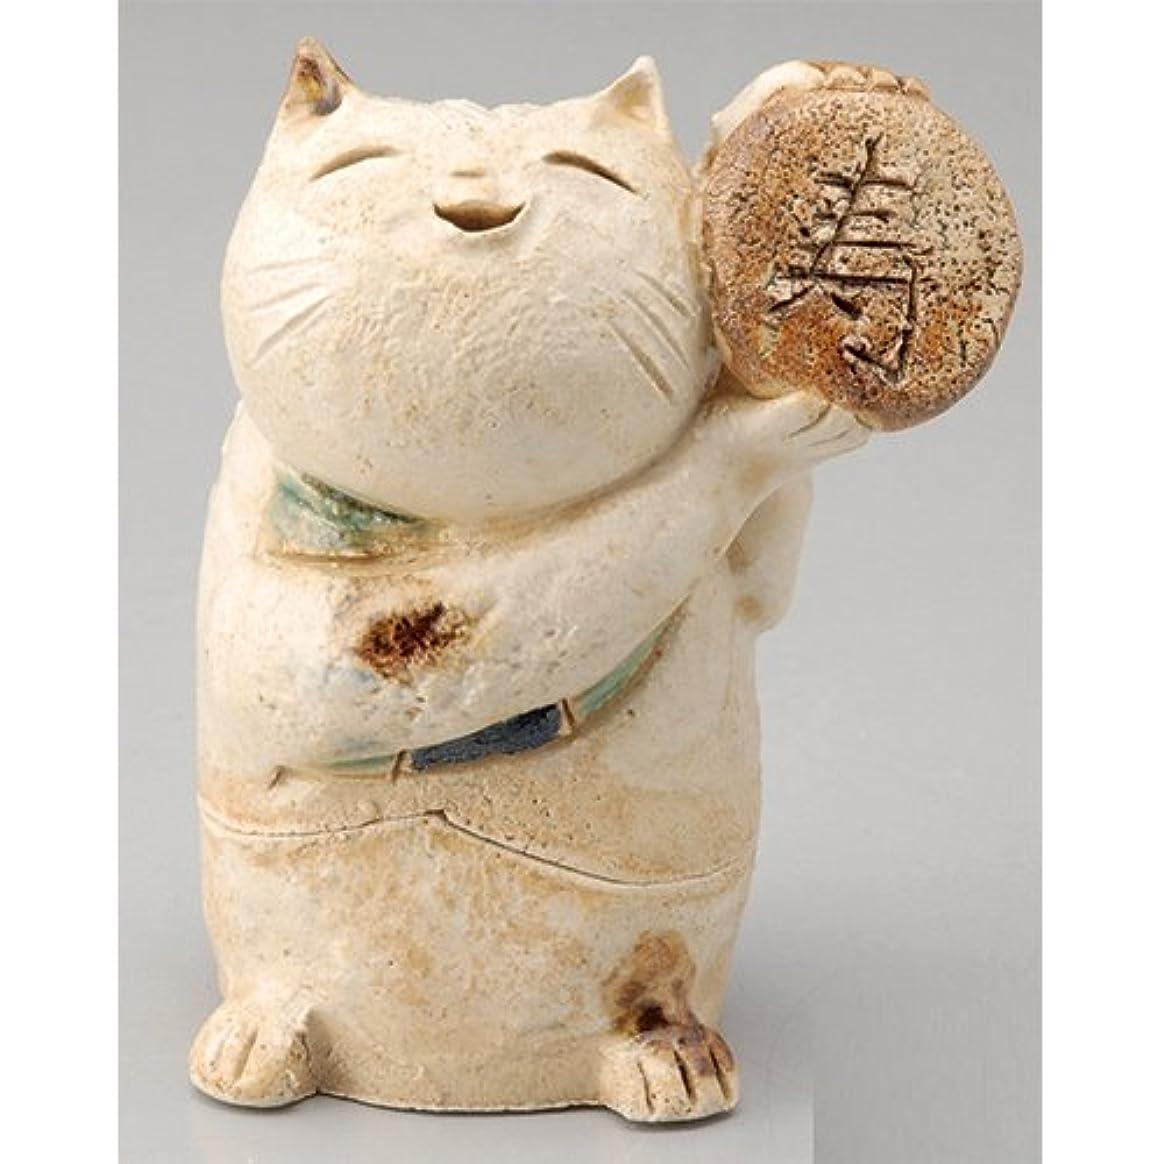 補助占める荒廃する香炉 ごえん猫 香炉(寿) [H8cm] HANDMADE プレゼント ギフト 和食器 かわいい インテリア